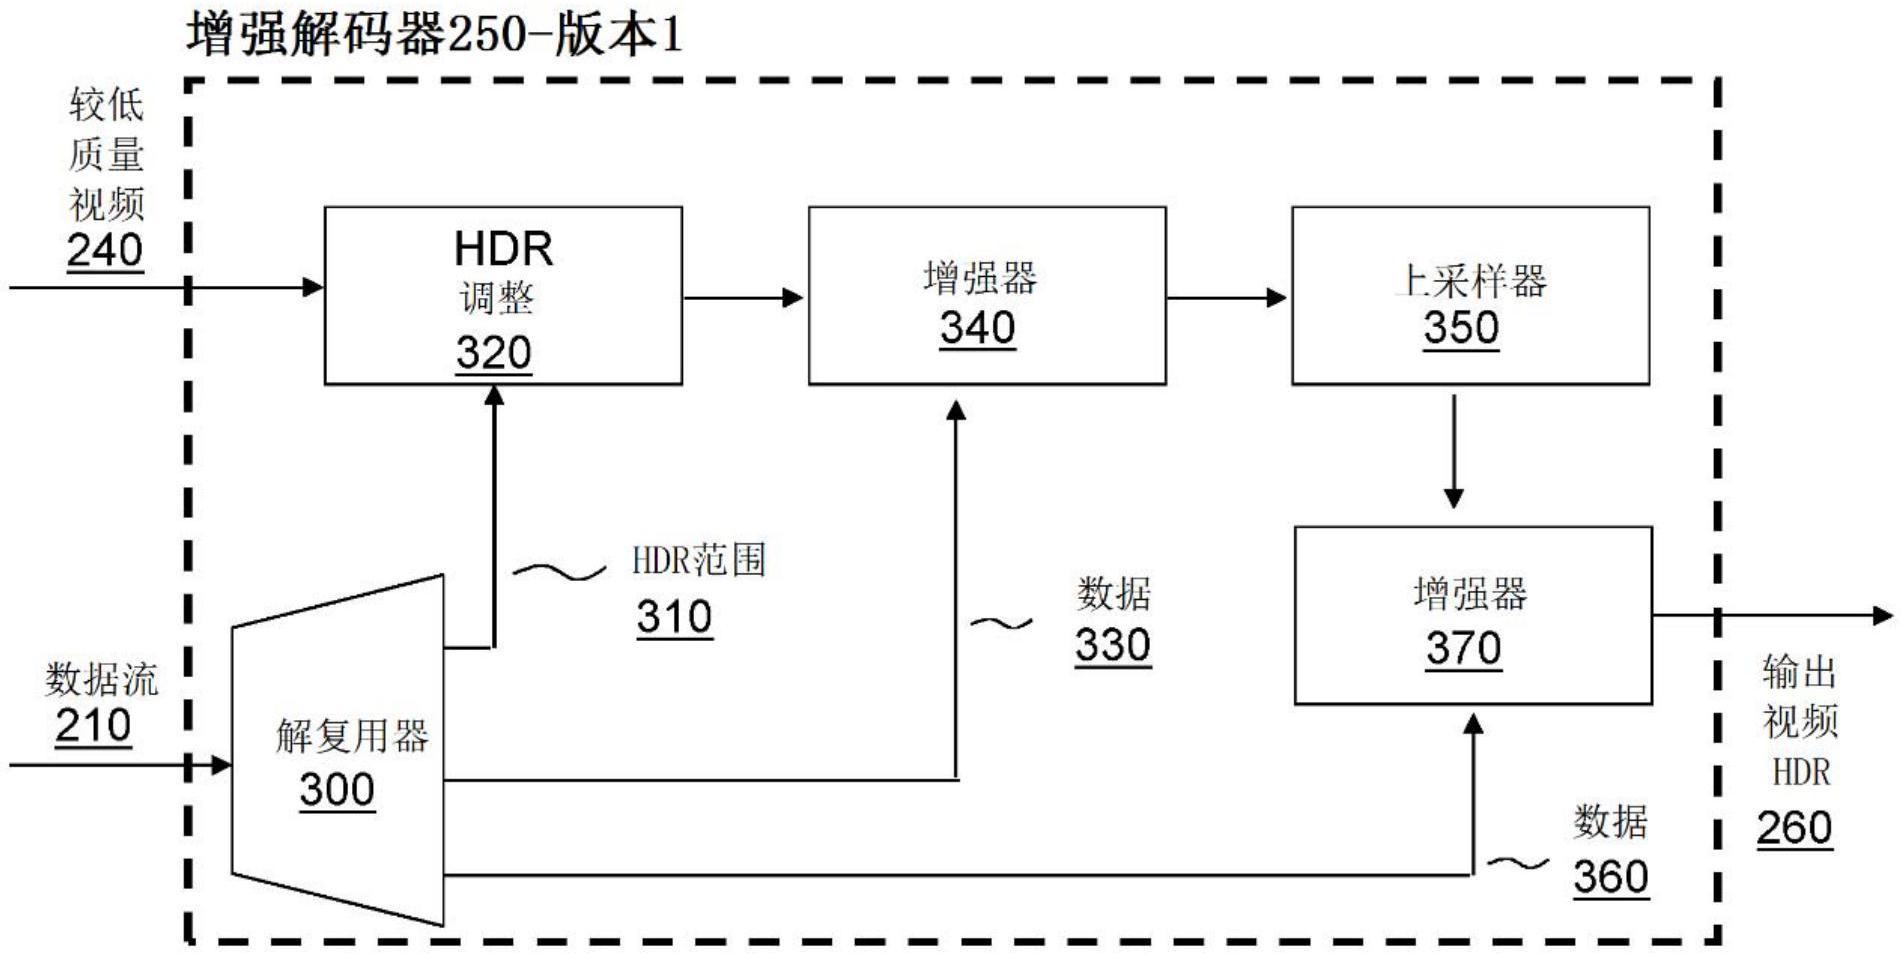 具有多级增强和可调编码格式的视频信号增强解码器